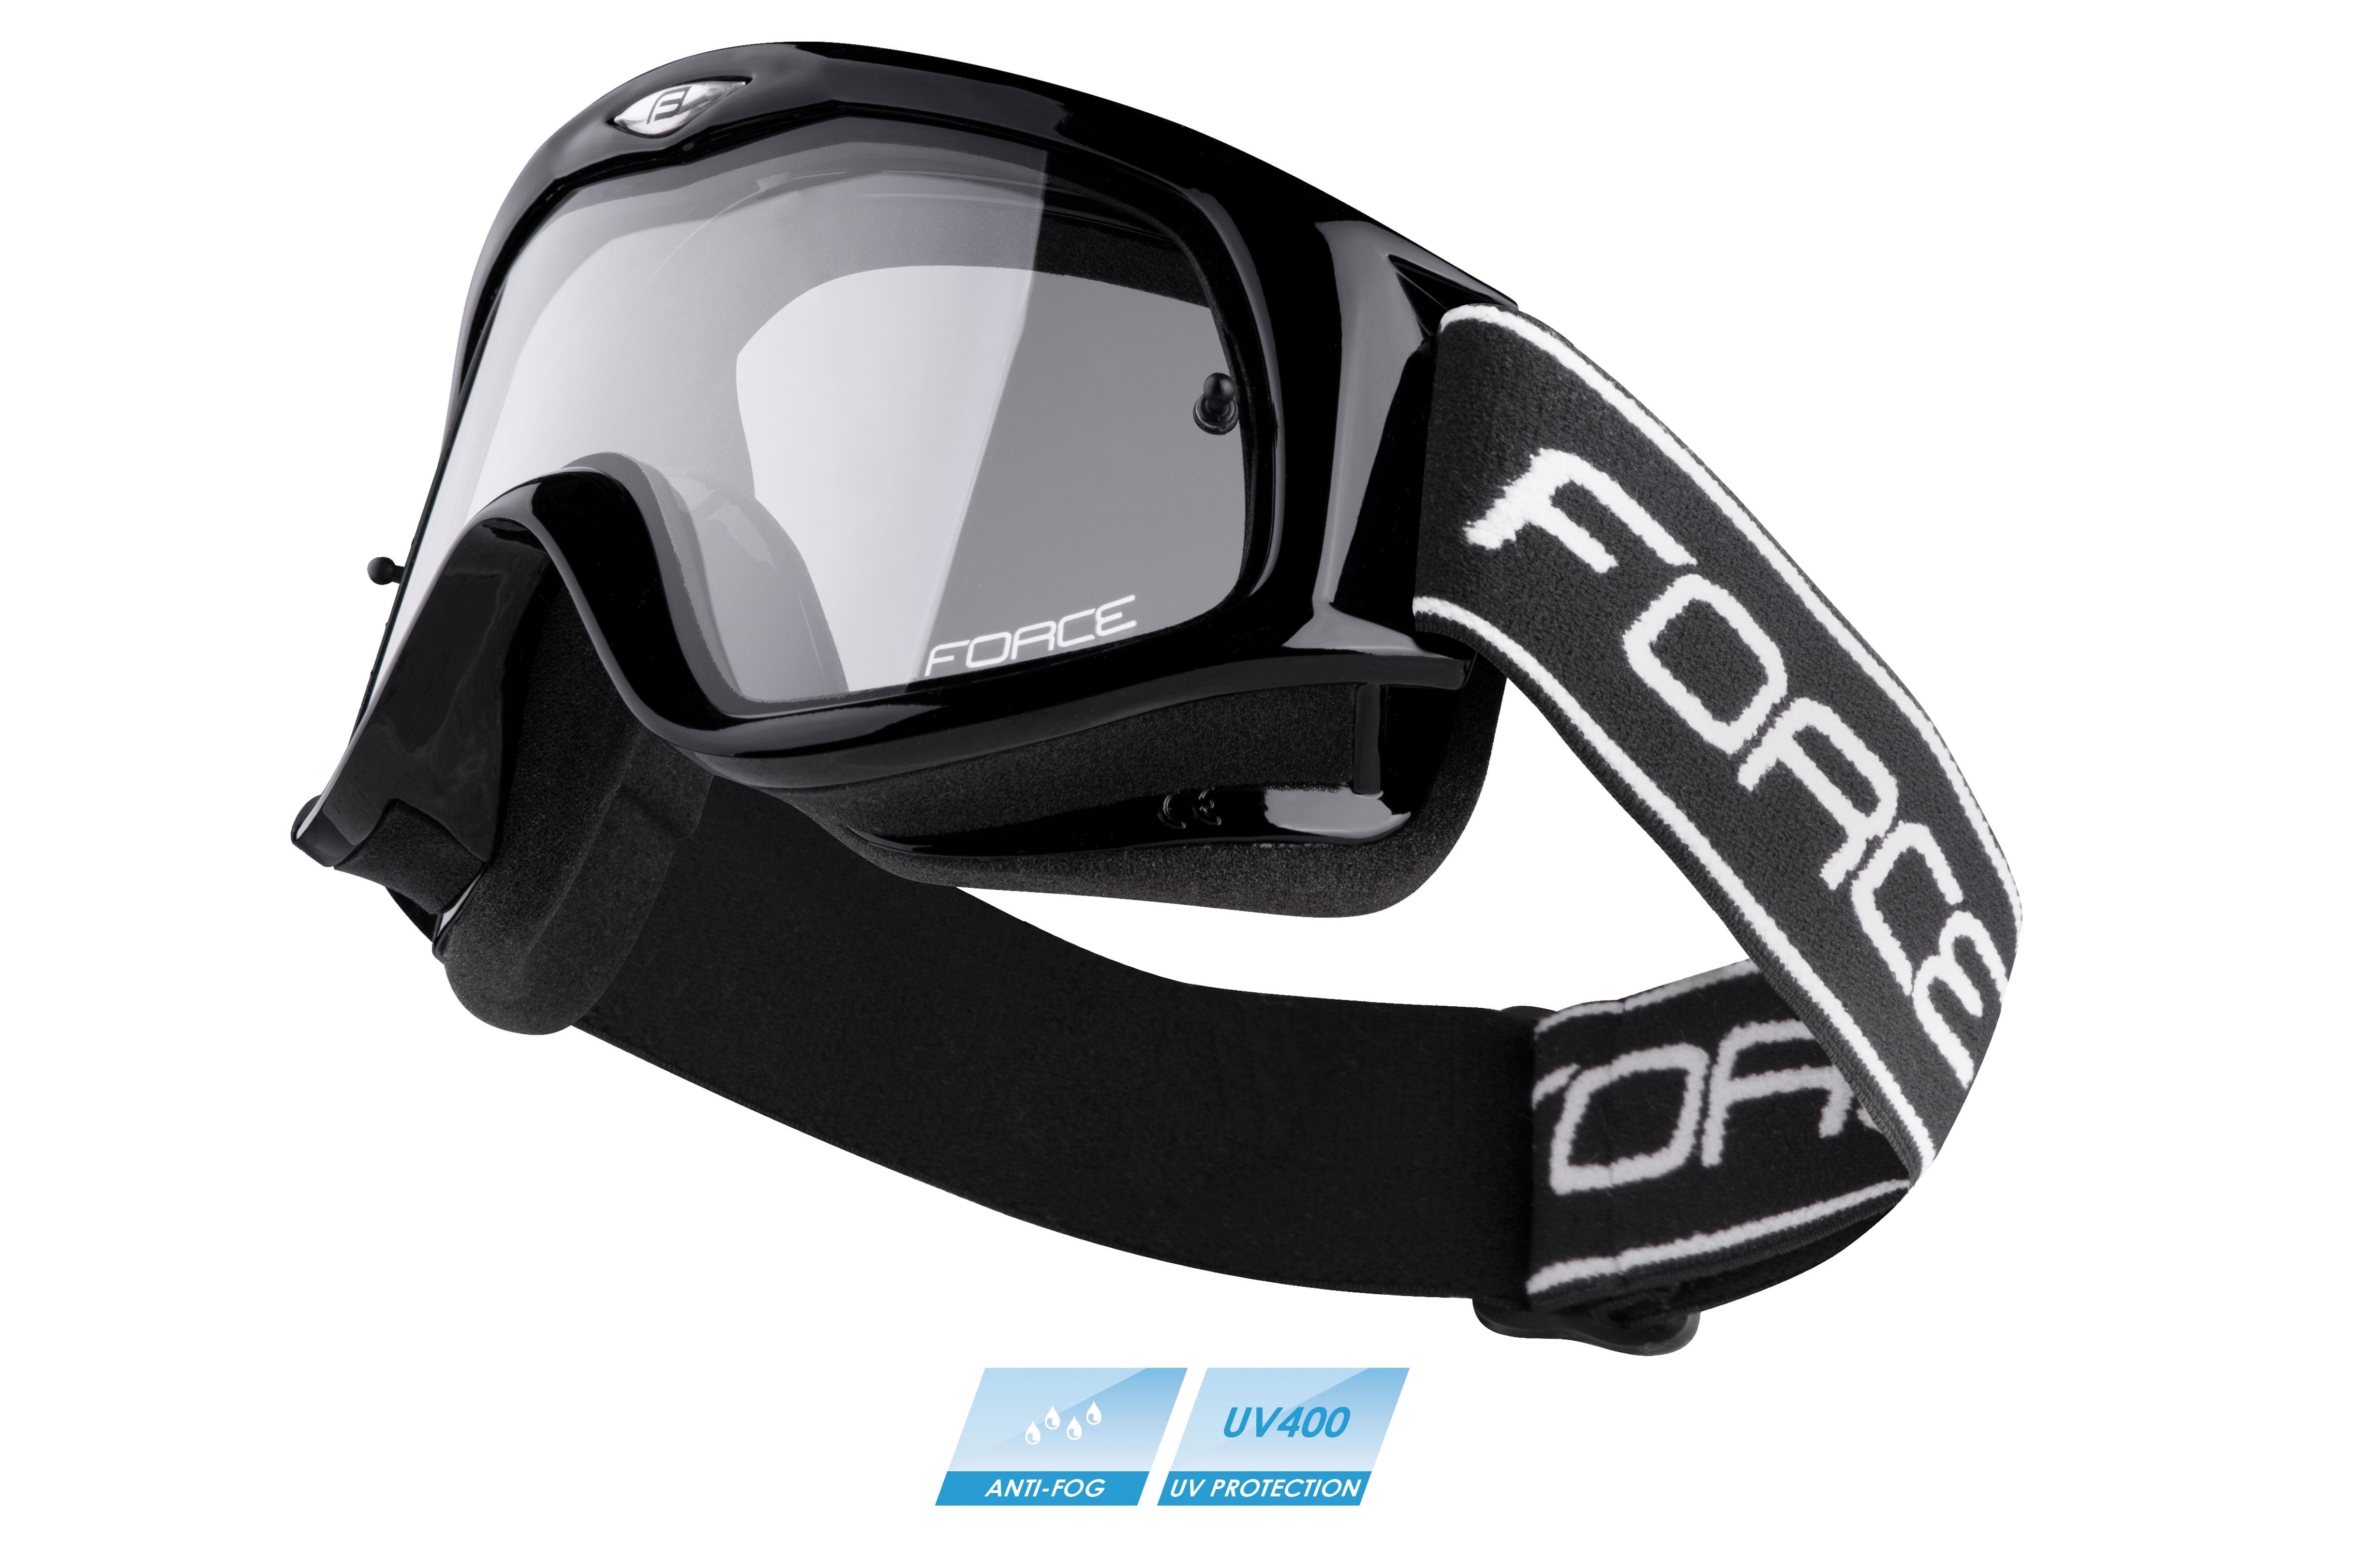 brýle FORCE sjezdové černé, čiré sklo